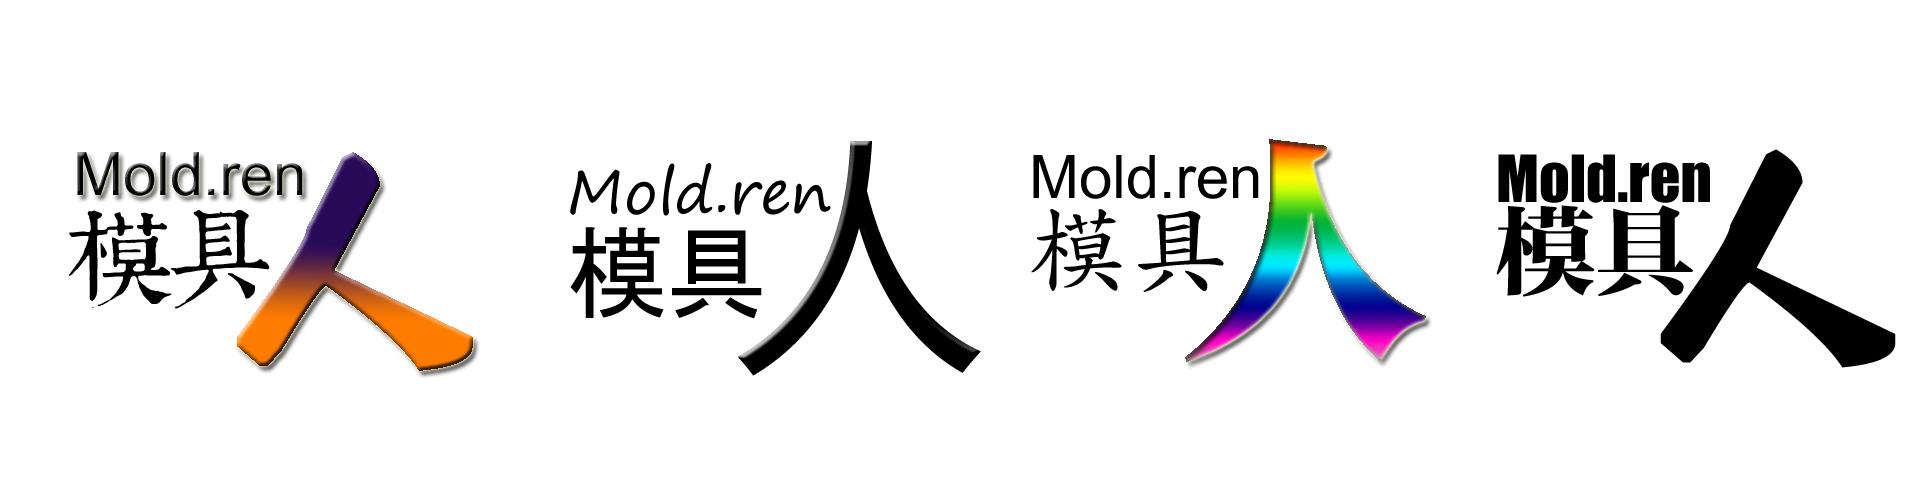 moldren2.jpg